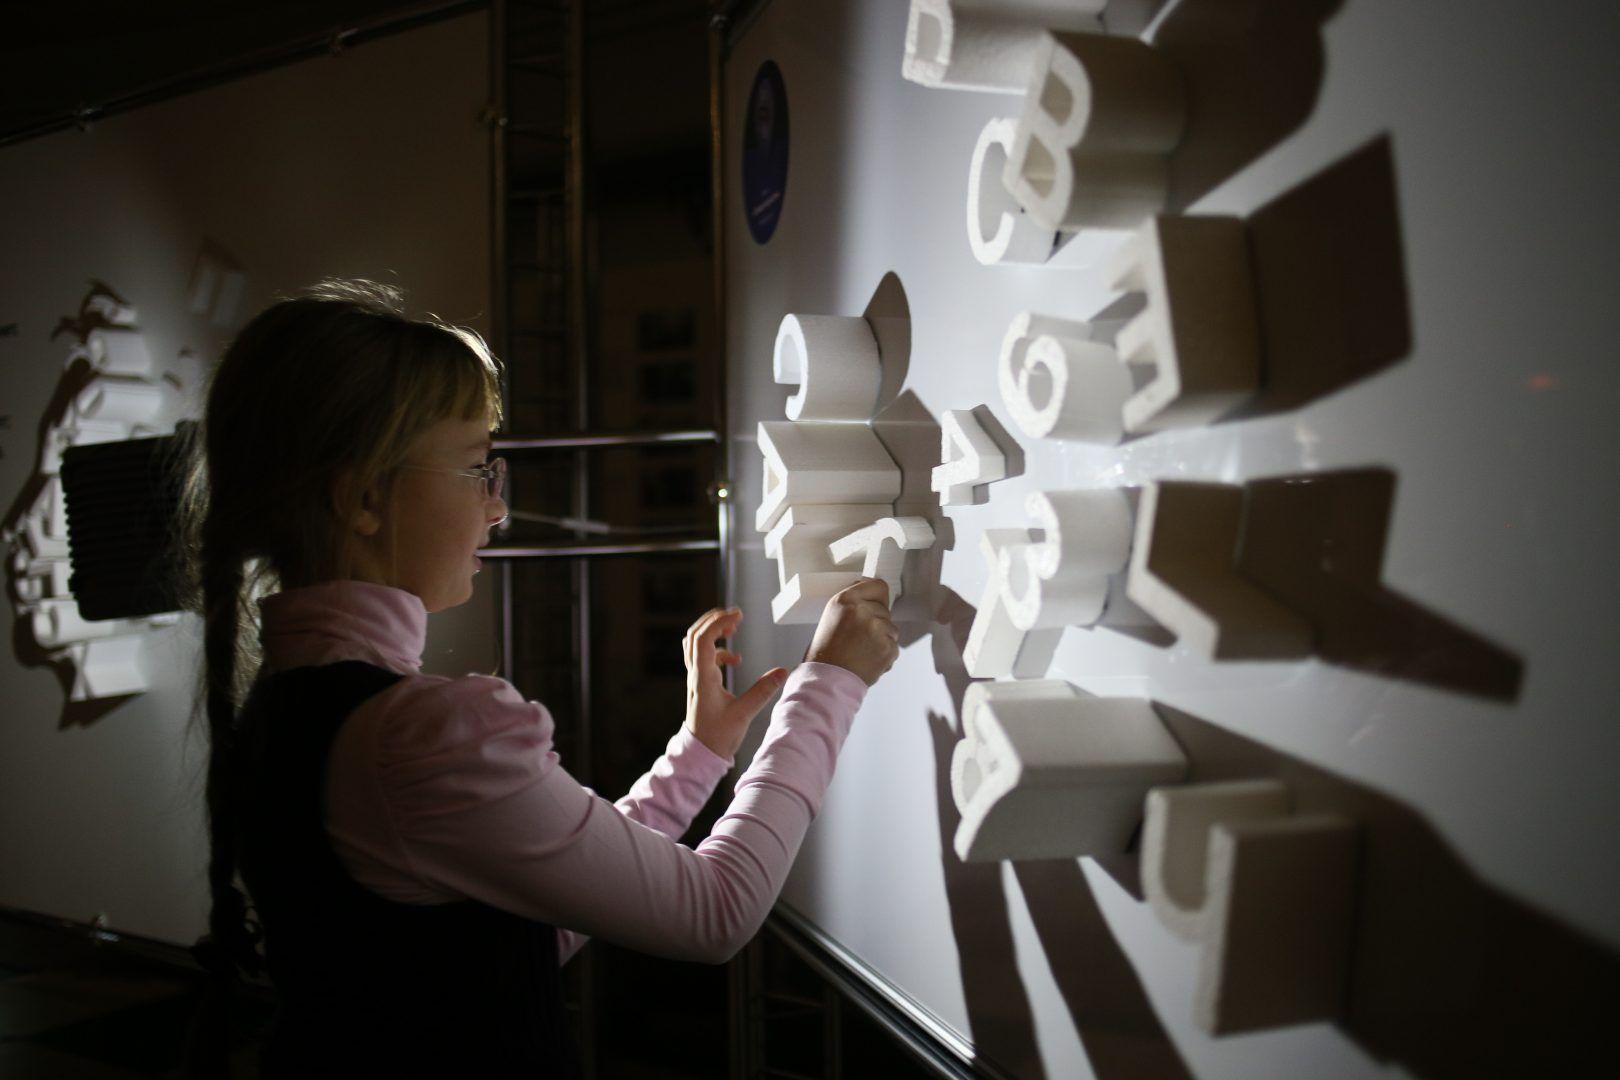 Акция «Ночь искусств» пройдет в поселении Сосенское. Фото: архив, «Вечерняя Москва»